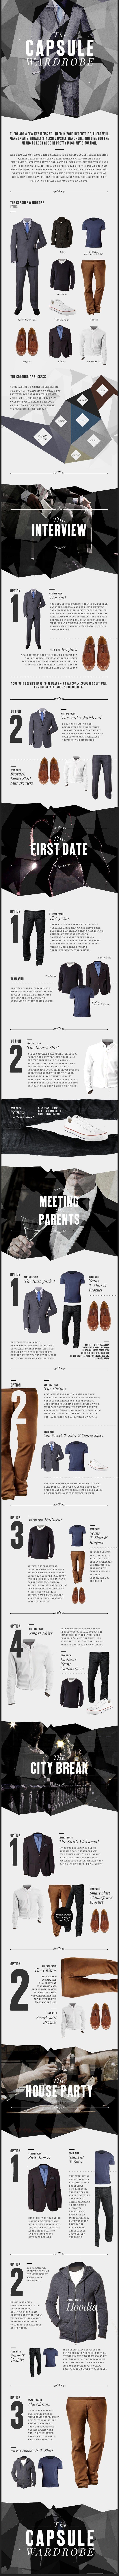 The Capsule Wardrobe | For Men